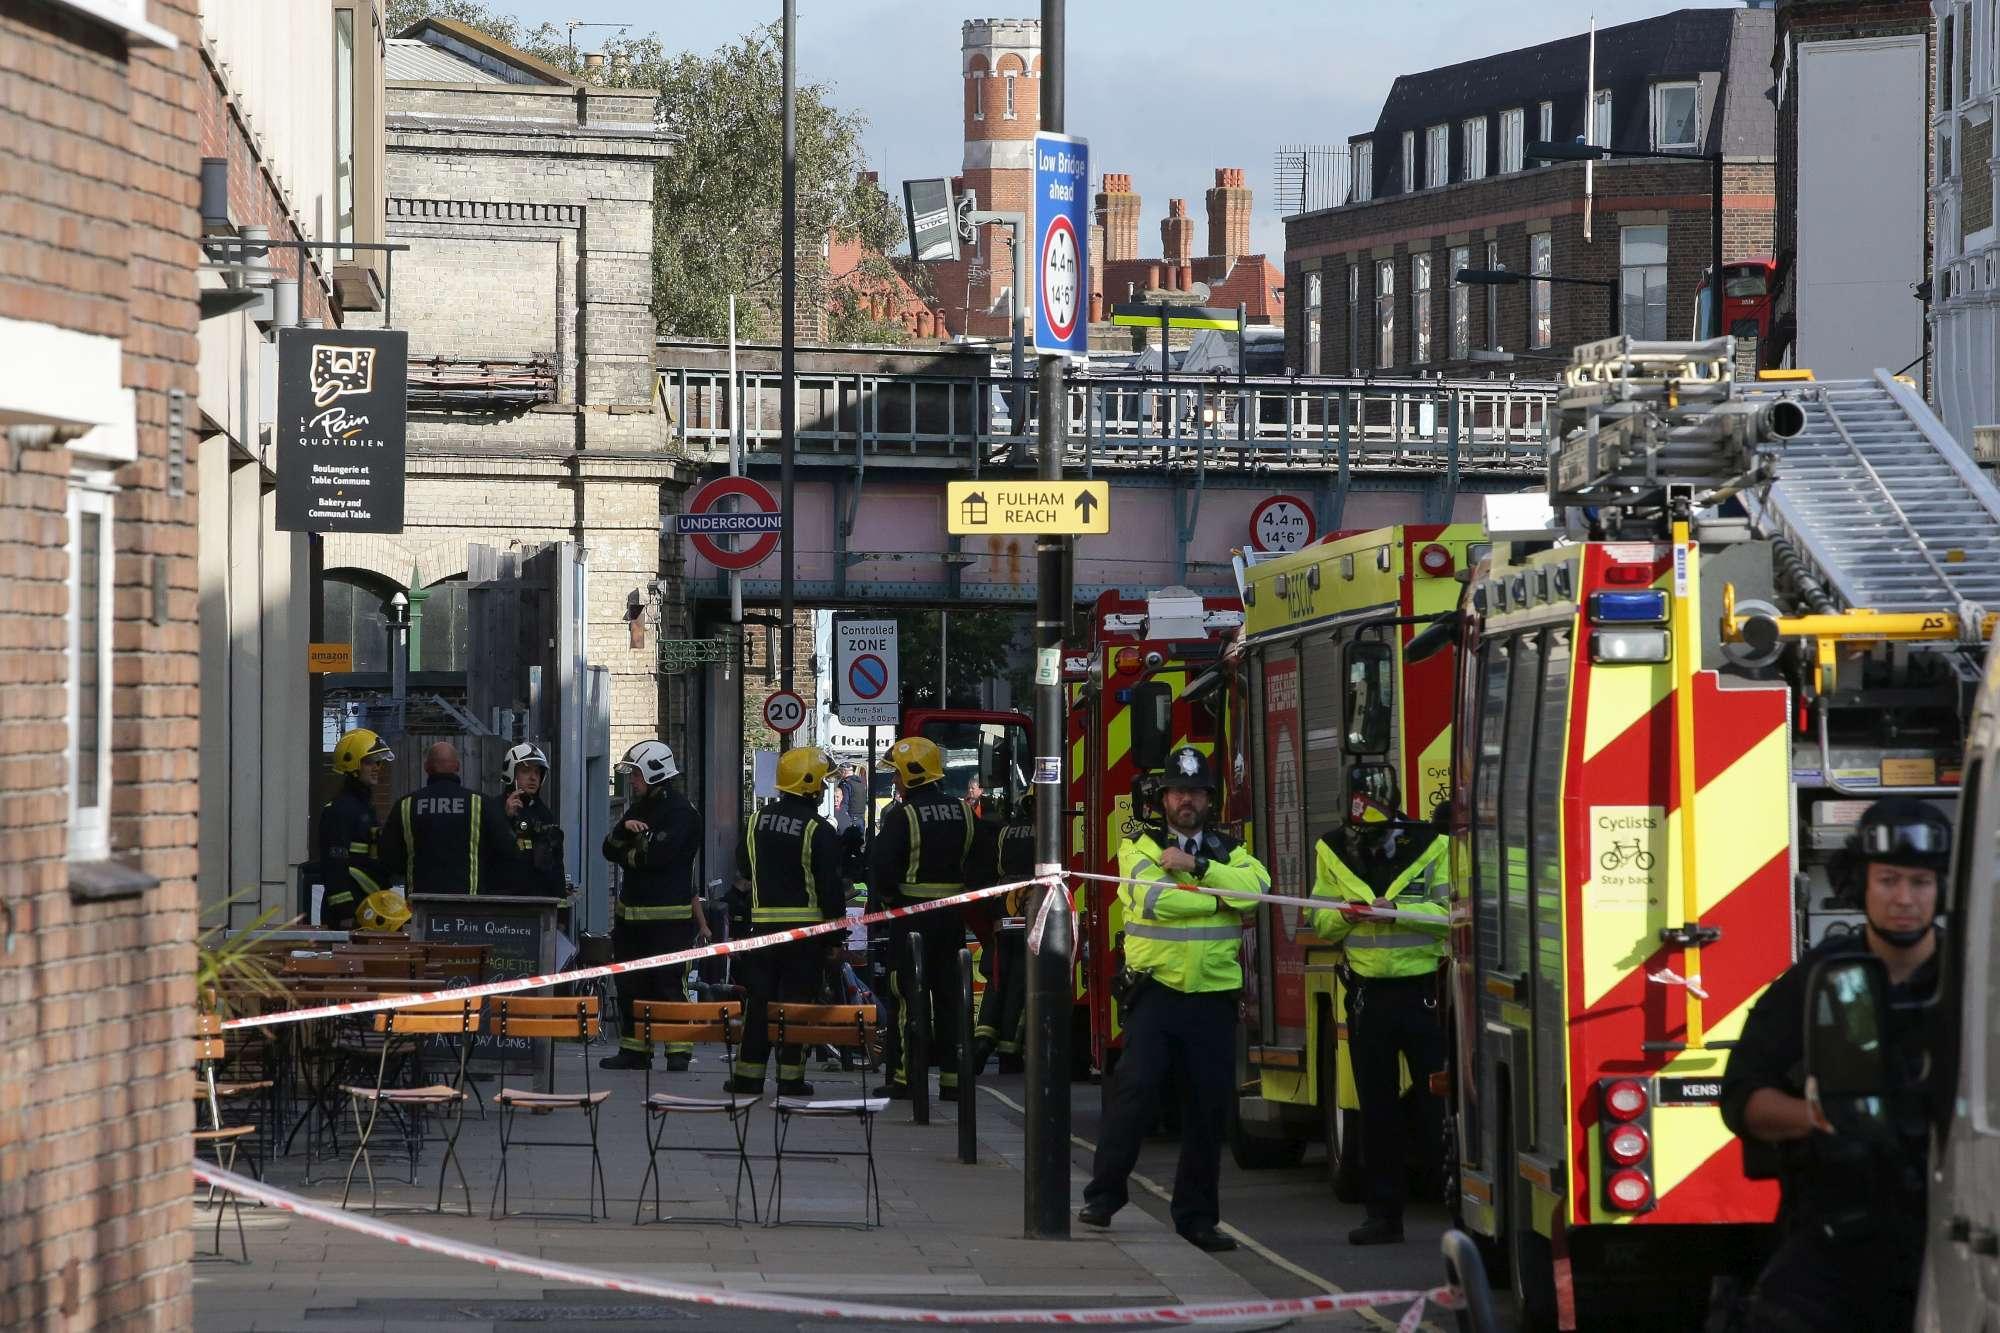 Su Londra torna l incubo terrorismo: esplosione in metropolitana